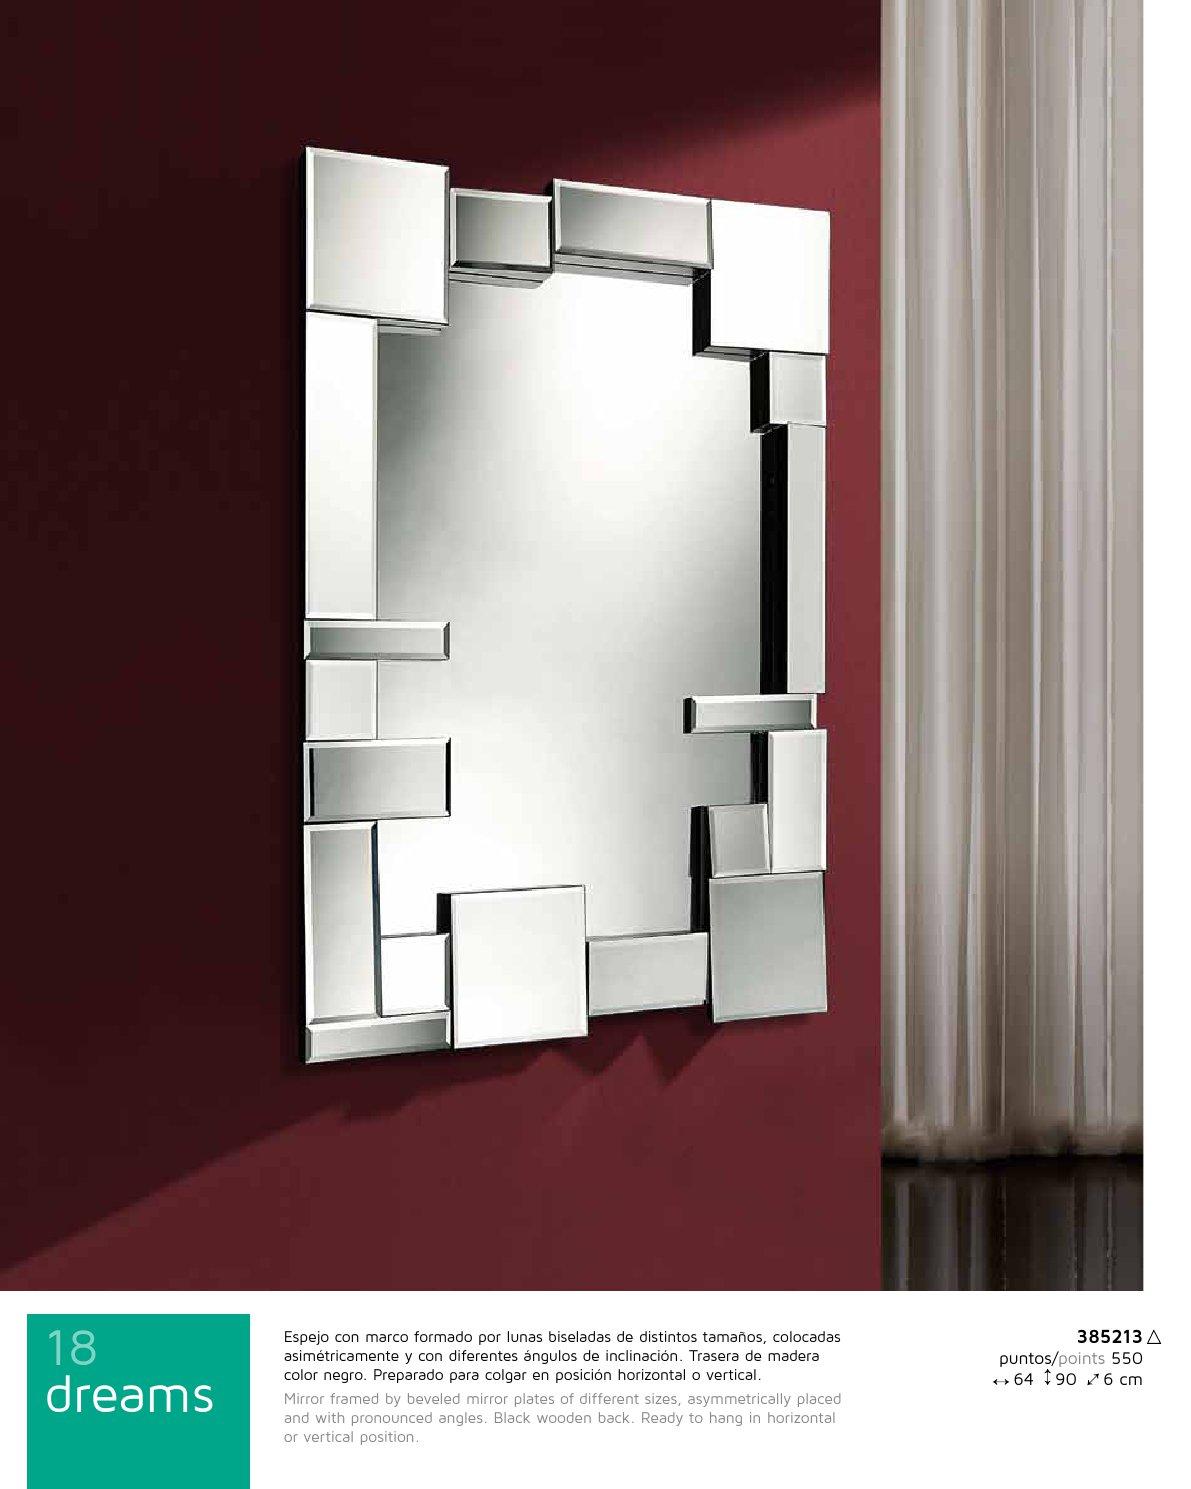 Schuller dreams miroir 90x66cm 385213 l mparas de dise o for Schuller miroir